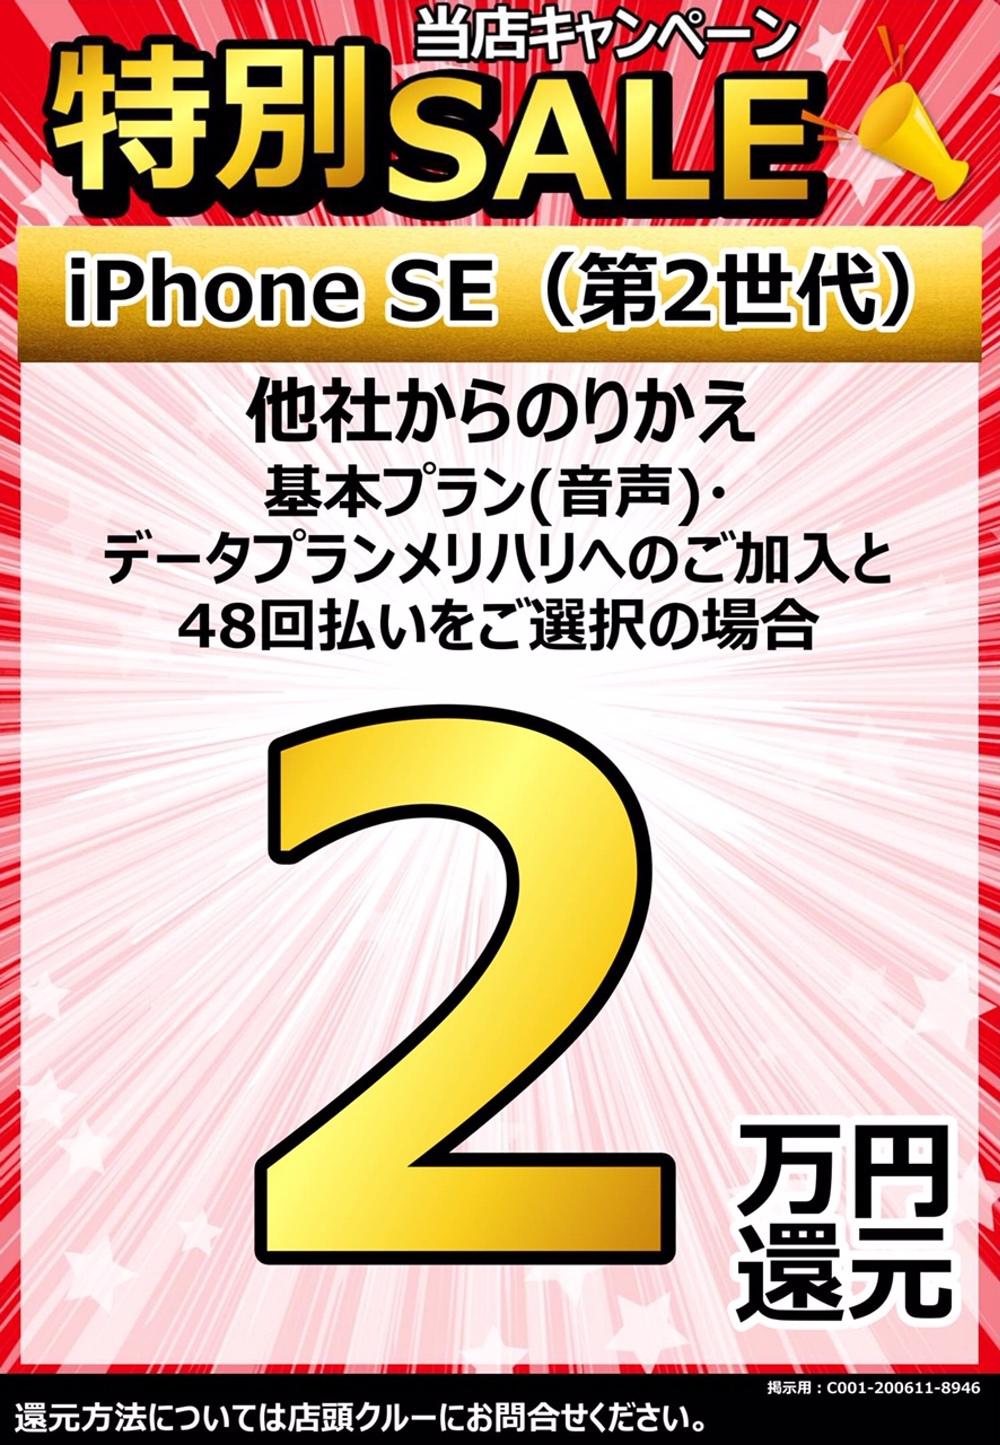 ソフトバンク久留米本町 iPhone SE 2万円還元 特別セール!